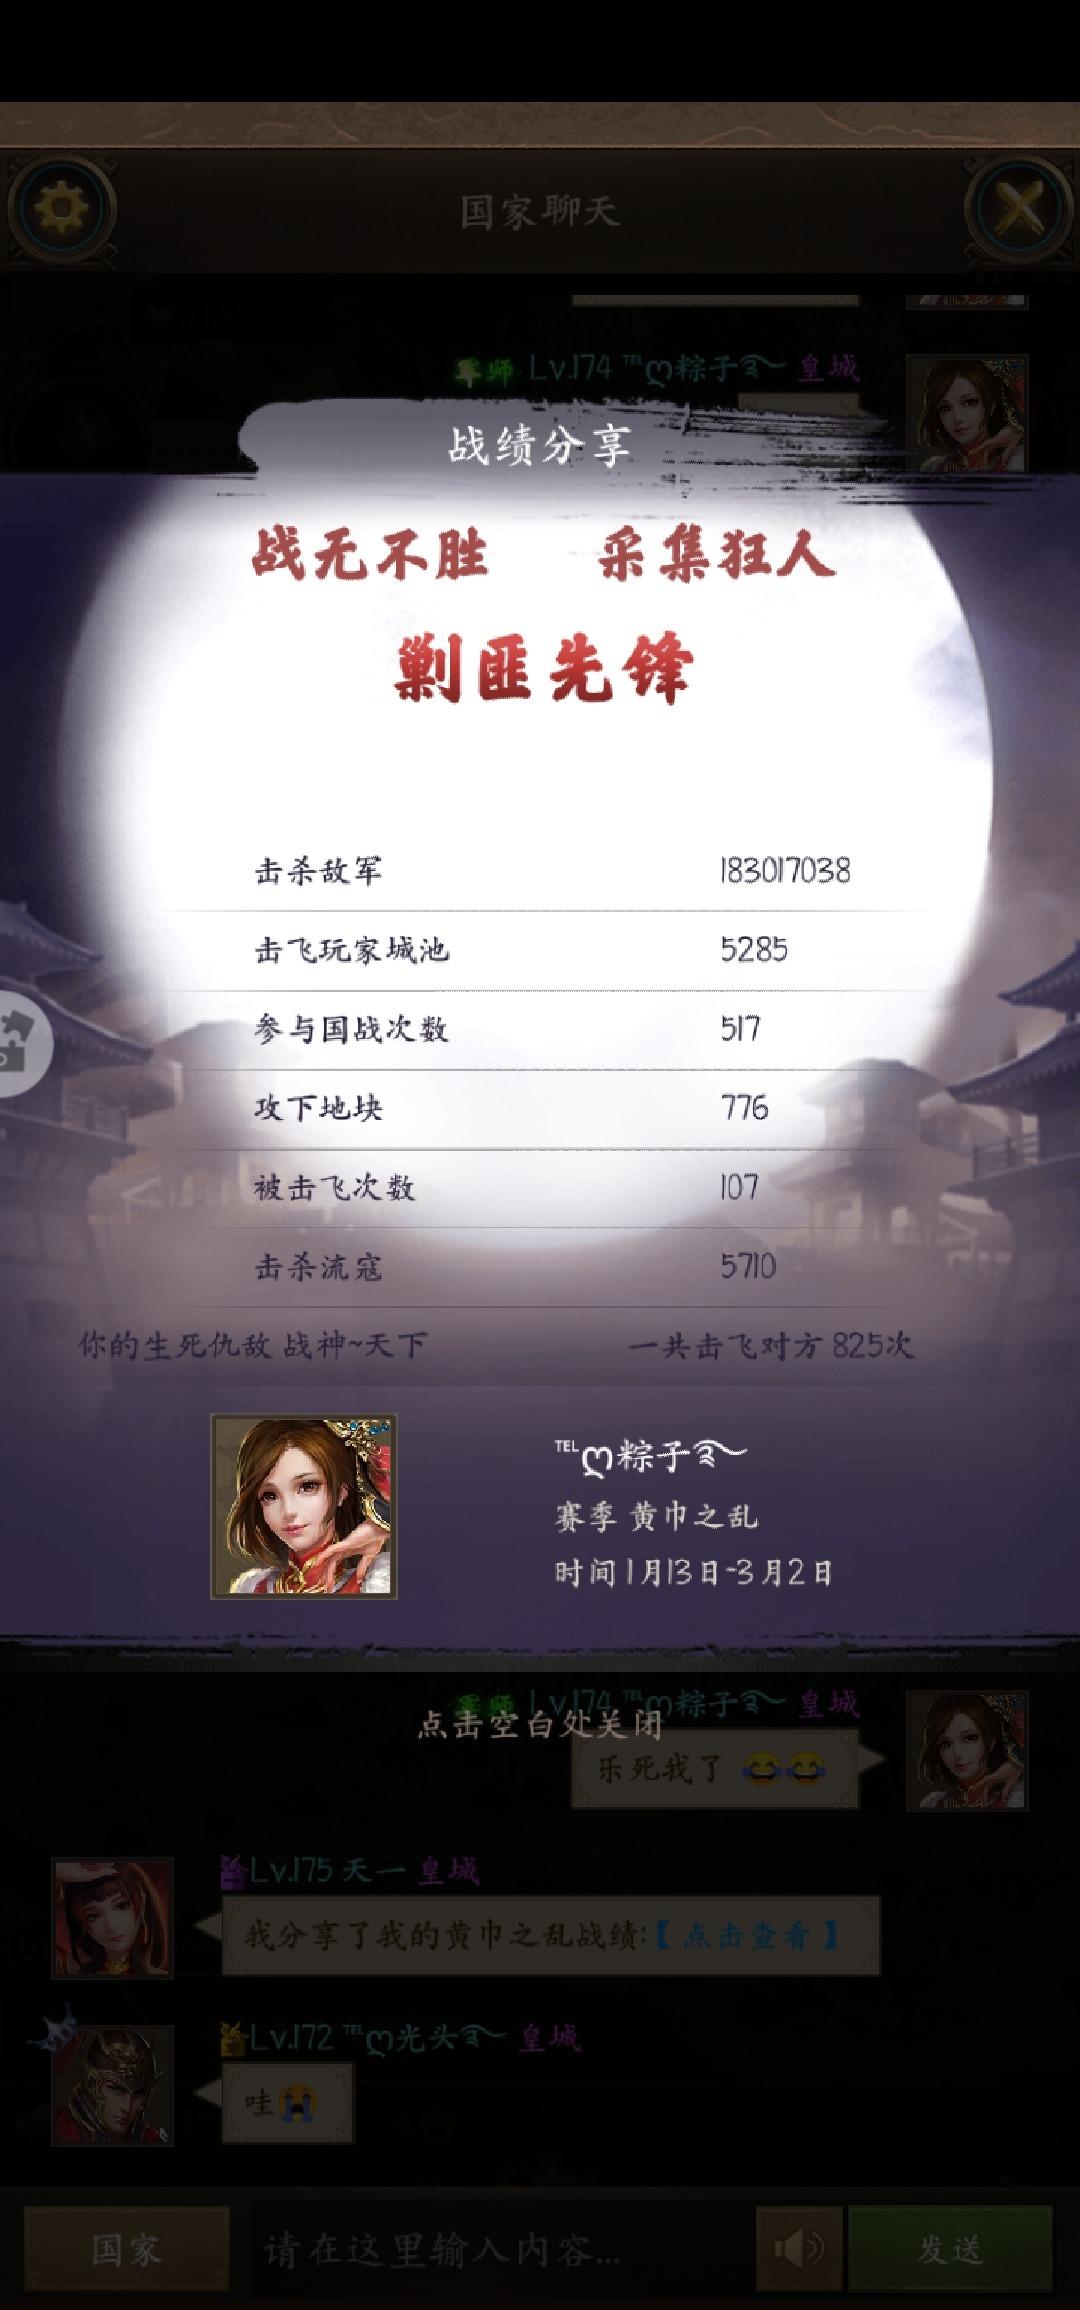 Screenshot_20200302_150637_juedi.tatuyin.rxsg.huawei.jpg